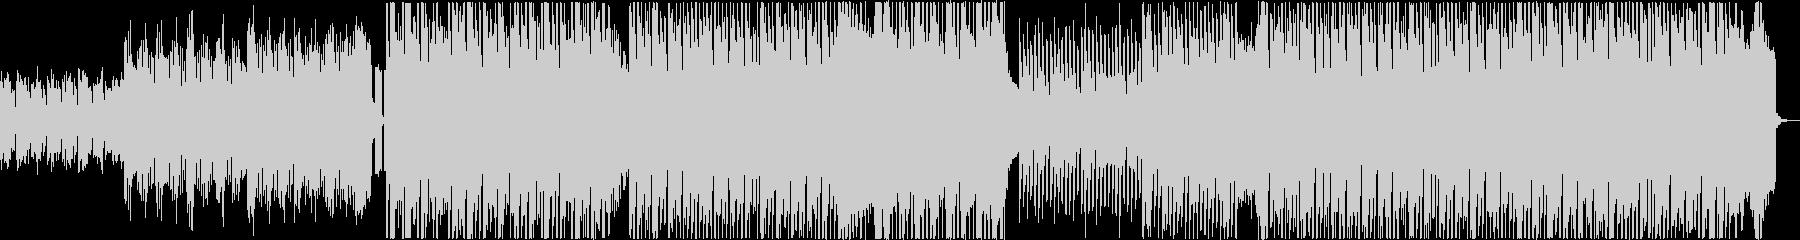 スピード感のあるポップハウス曲の未再生の波形